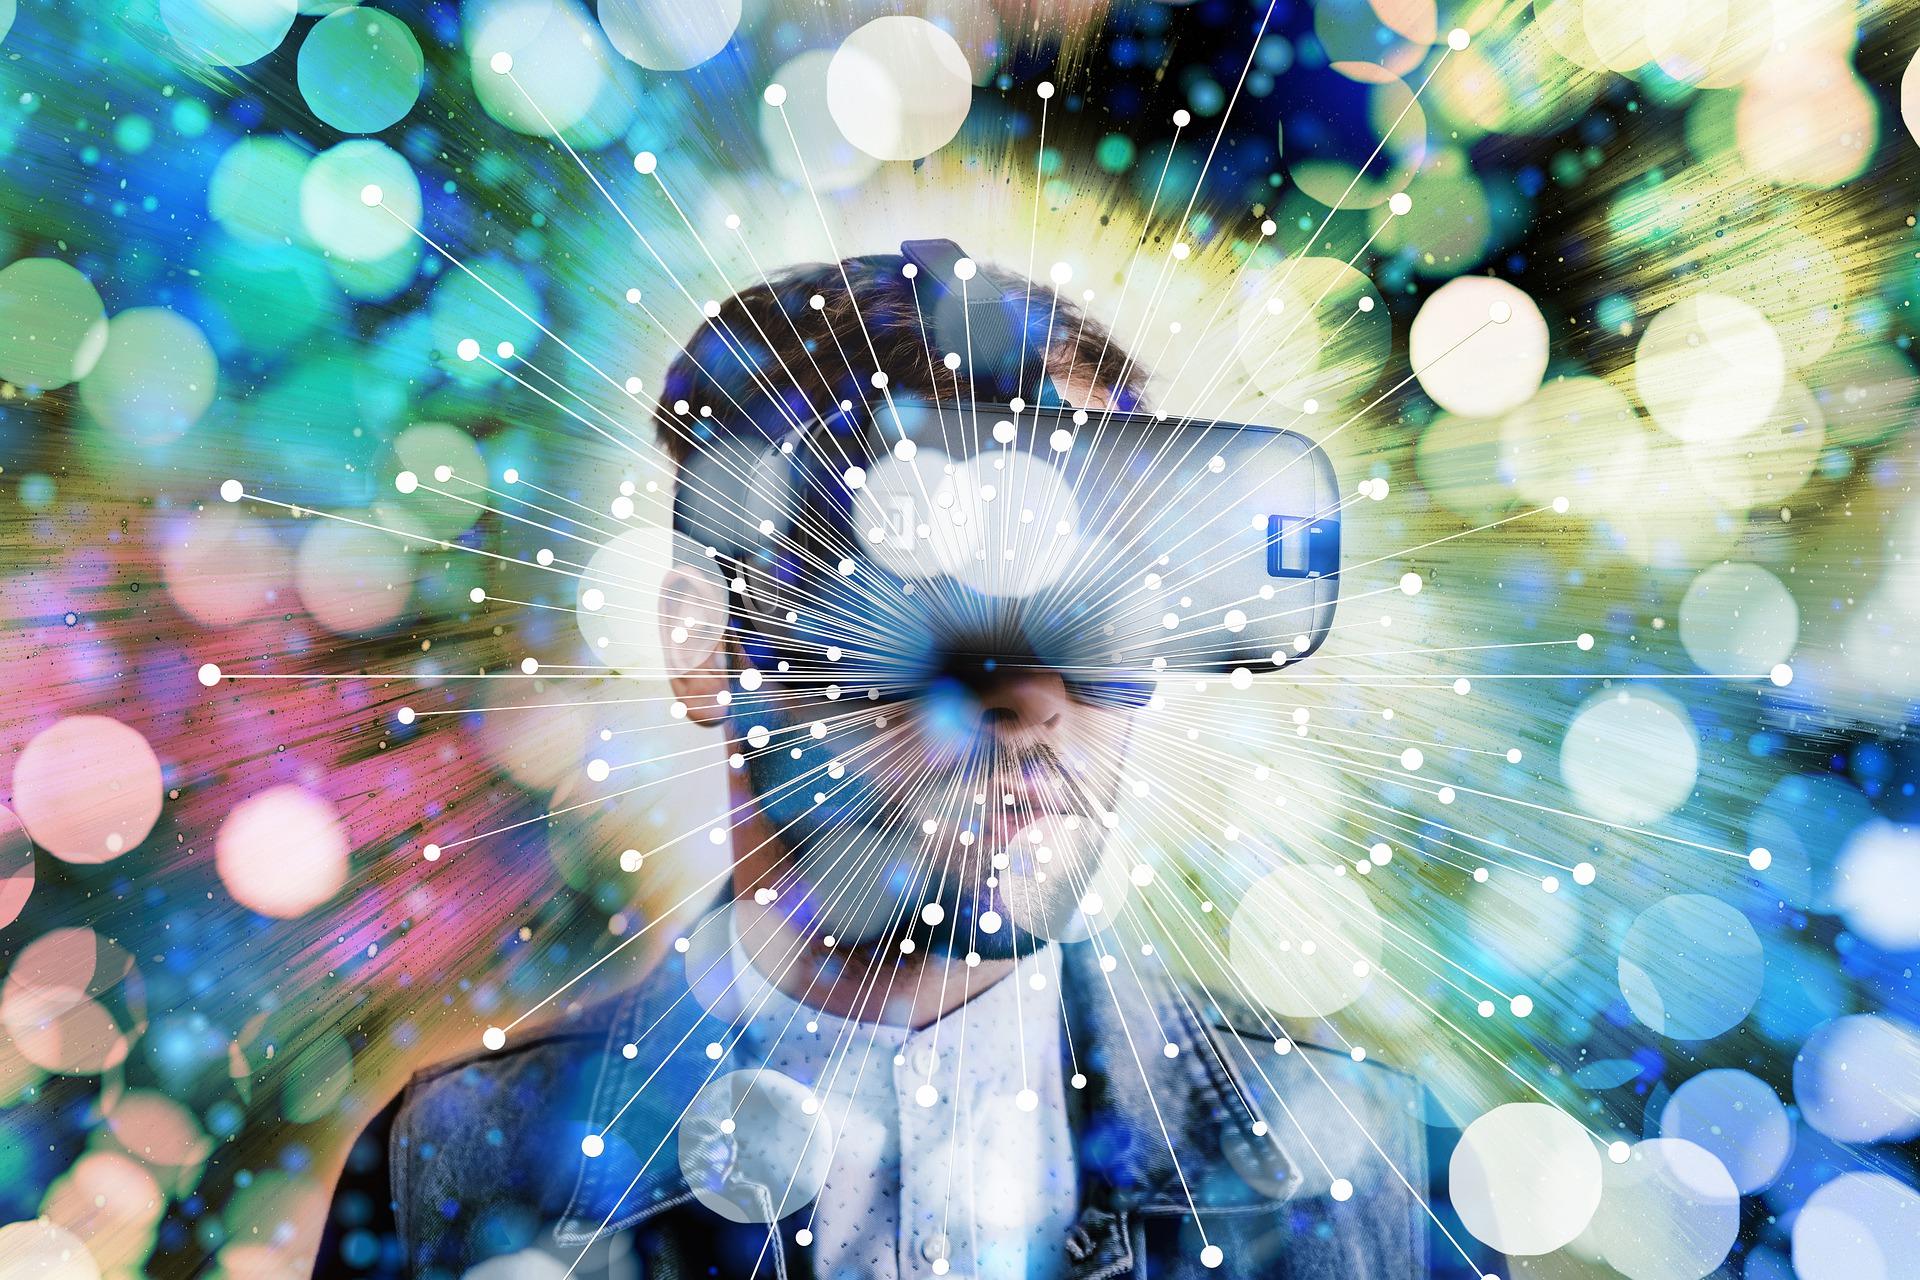 cyber glasses 4685055 1920 15. Juni 2021